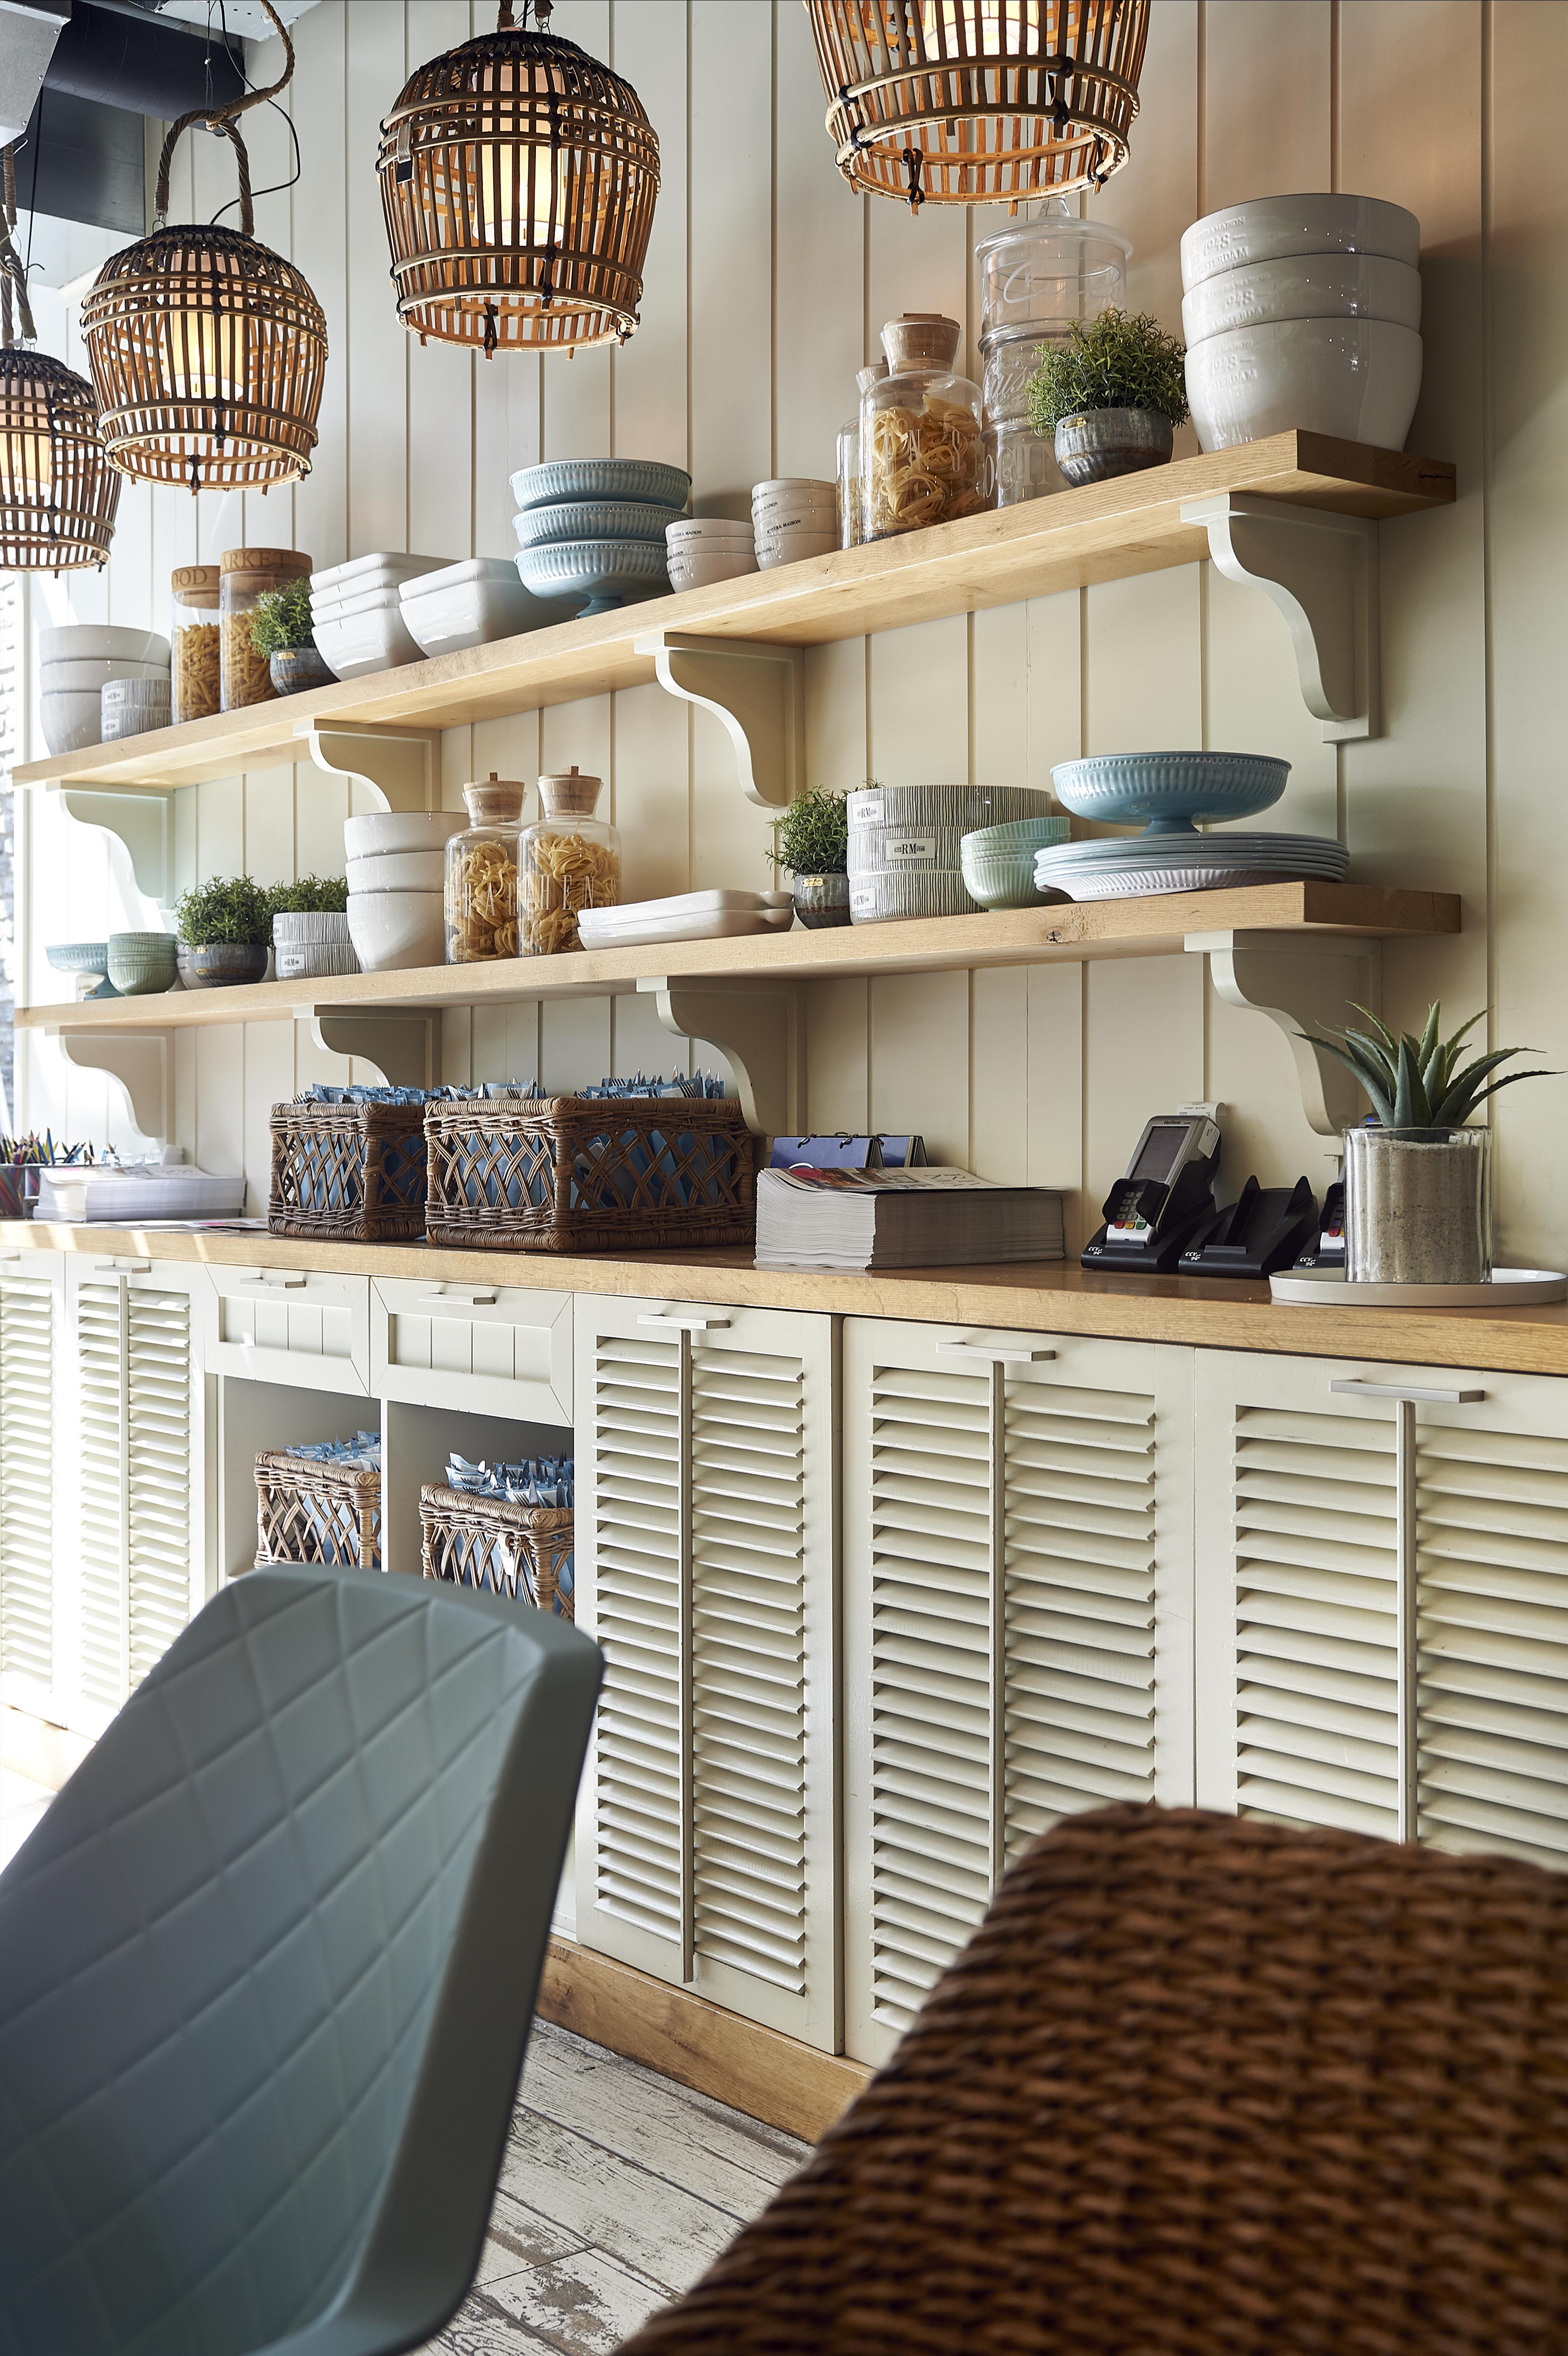 Möbel Landhausstil - Für Ihr schönsteszu Hause